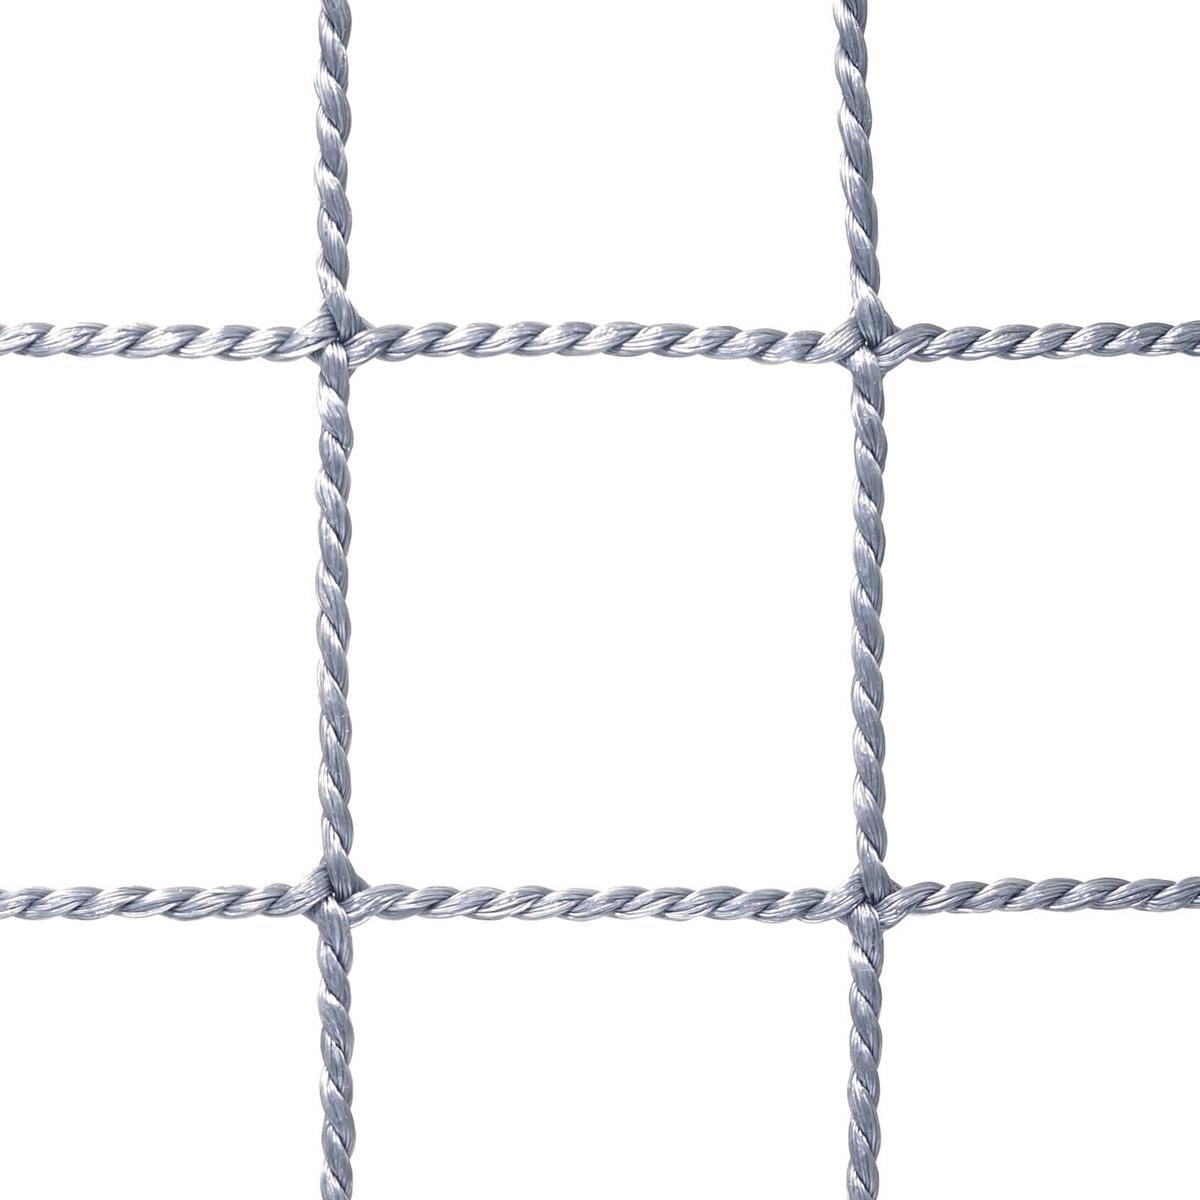 〈ヨリ線ネット37.5〉目合い:37.5mm カラー:グレー